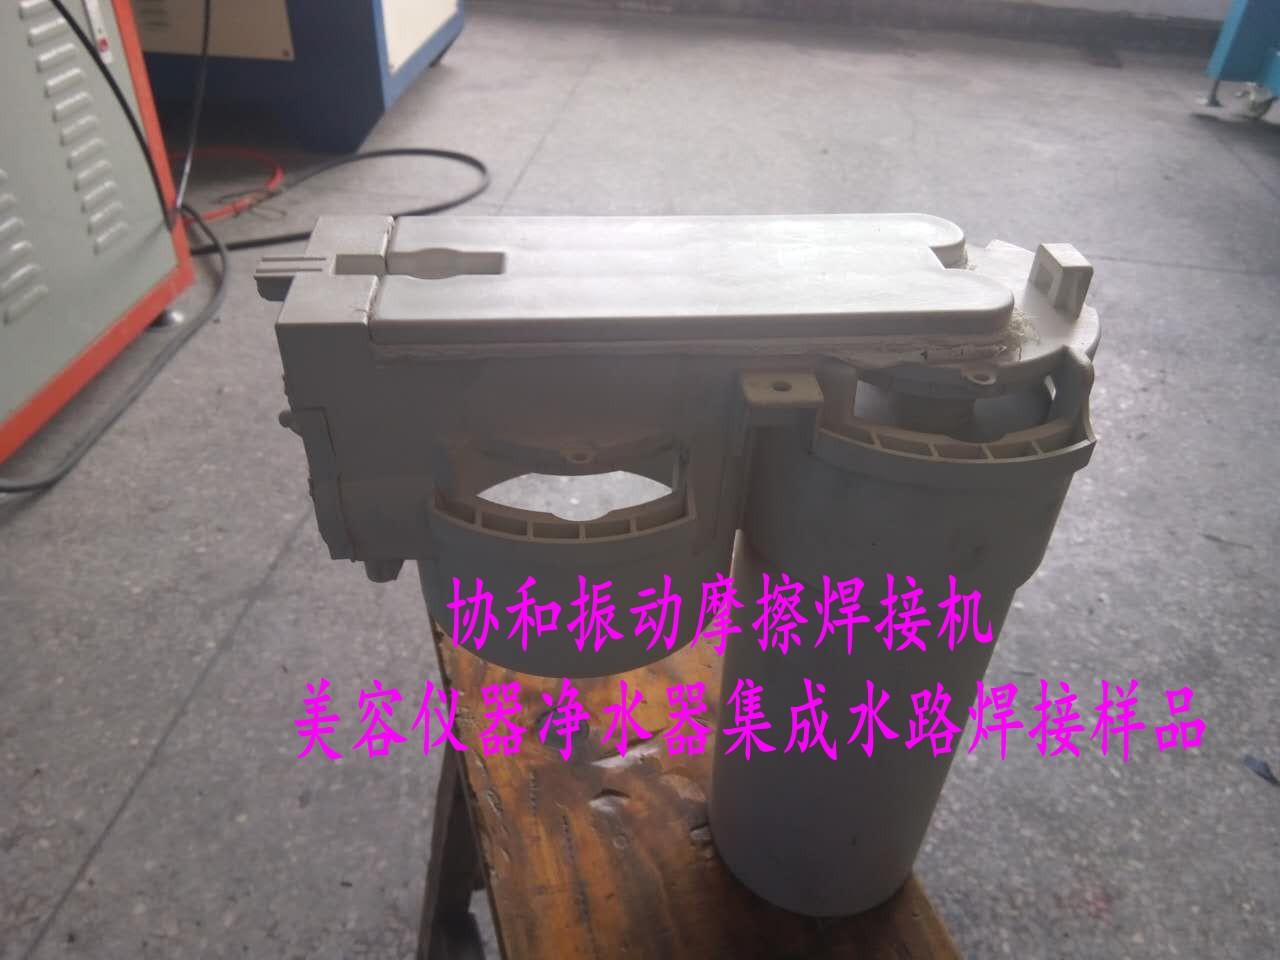 东莞振动摩擦机 FPP料防气密焊接加工 透析器震动摩擦机示例图9